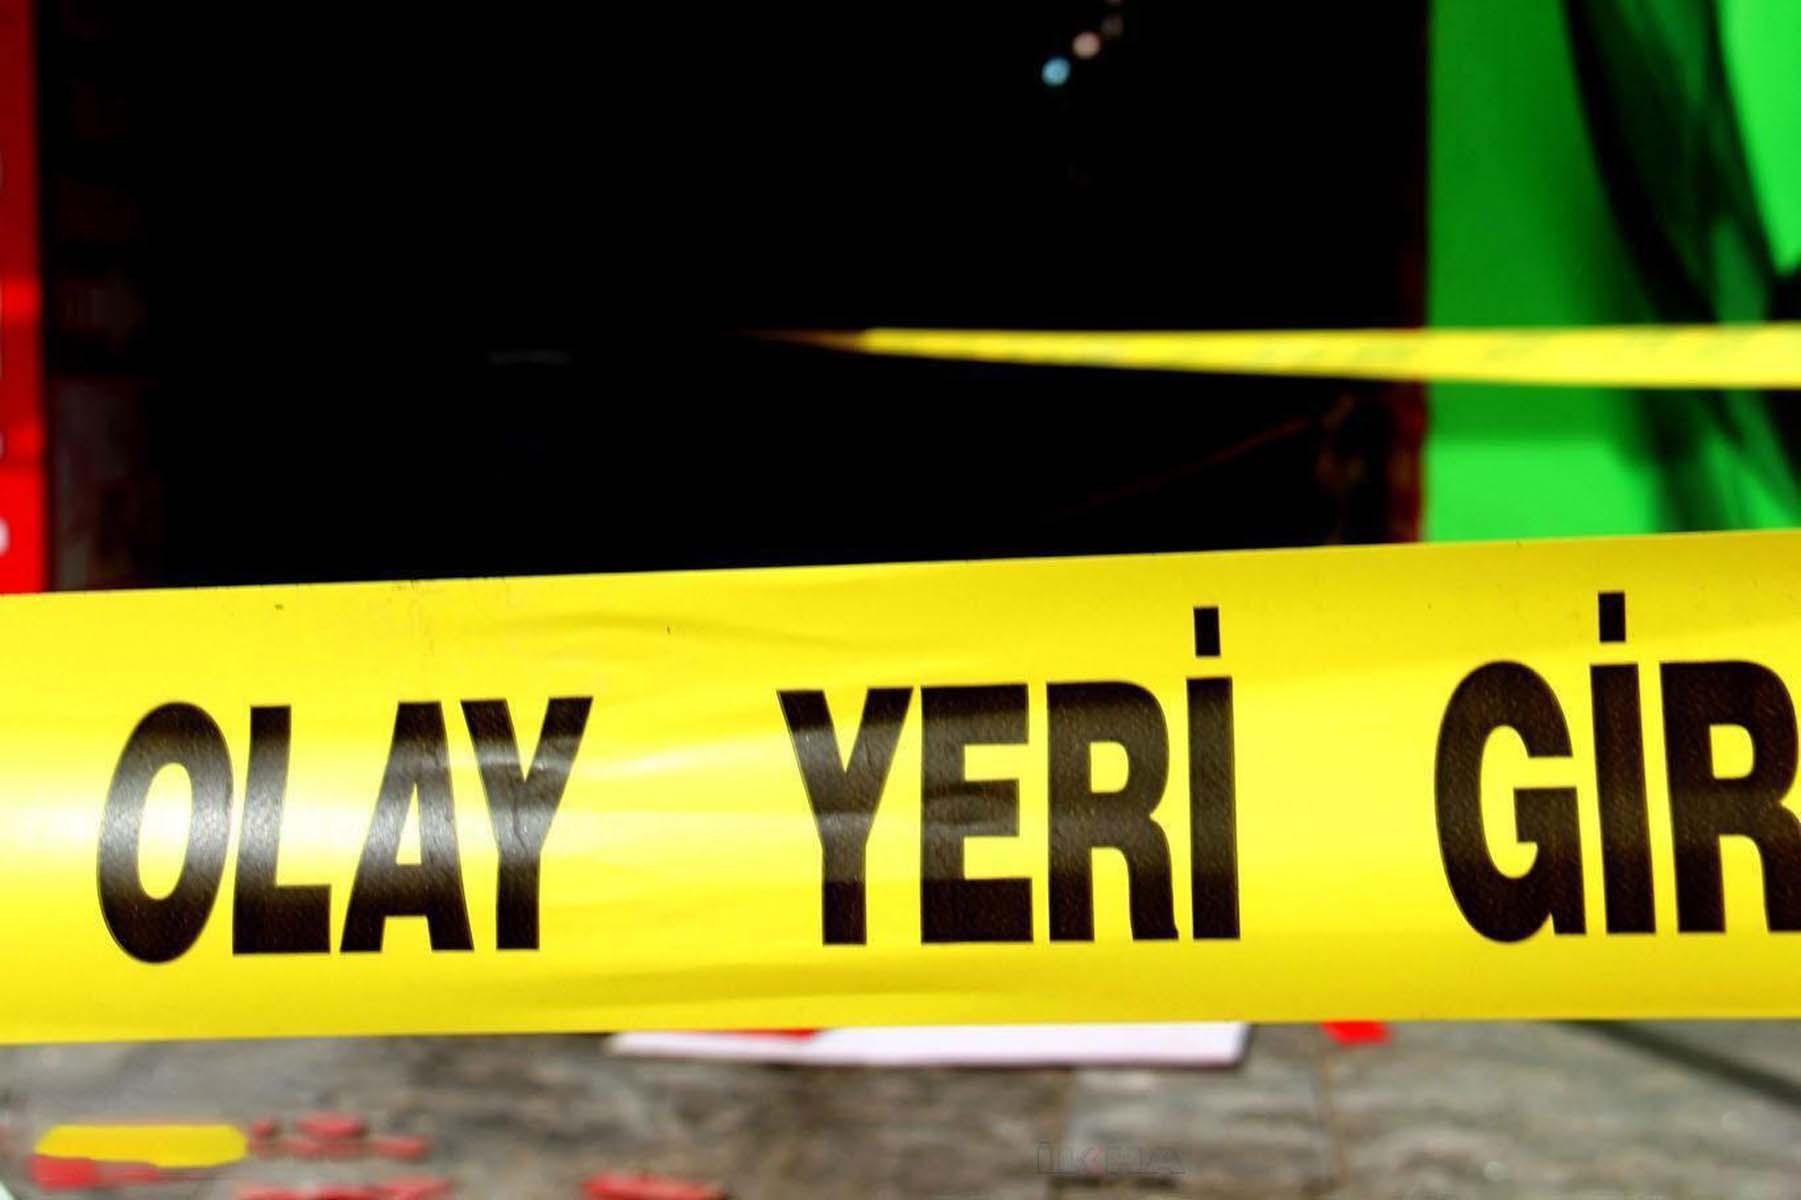 İstanbul Büyükçekmece'de kan donduran cinayetler! Sokakta yürüyen çifti öldürdüler